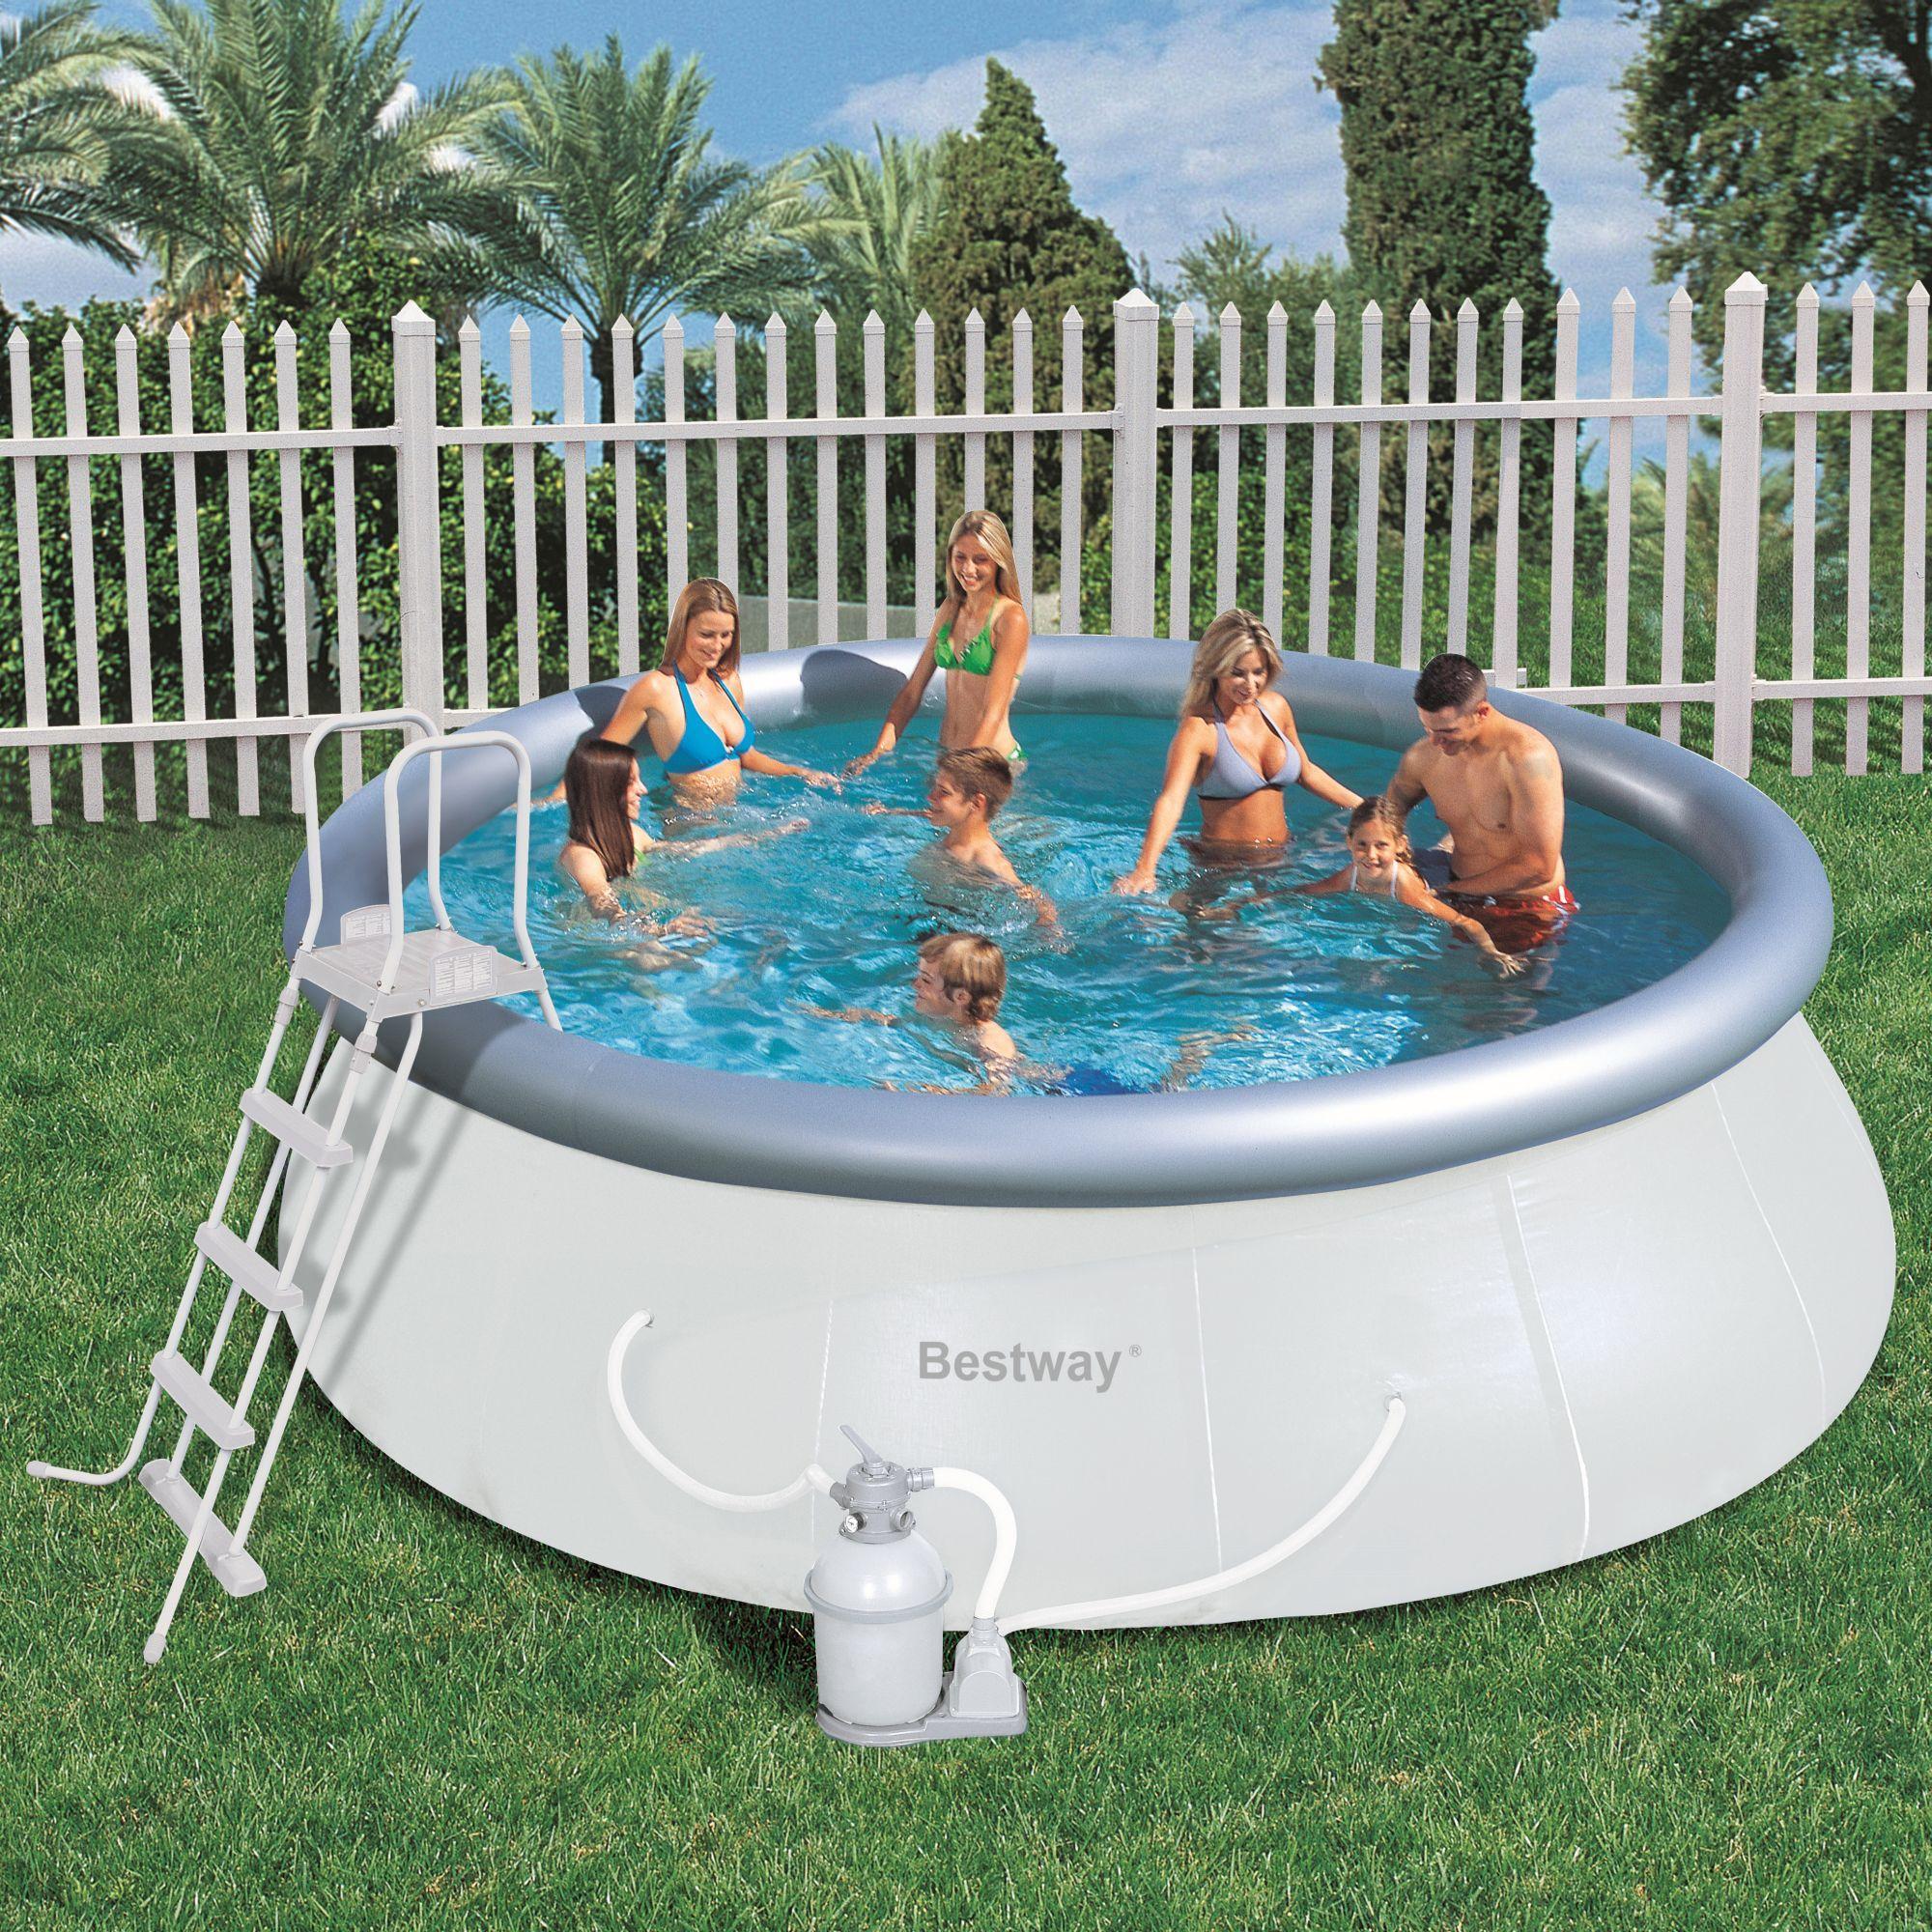 Foto piscina bestway rectangular frame 412x201x122cm con for Piscina hinchable rectangular con depuradora